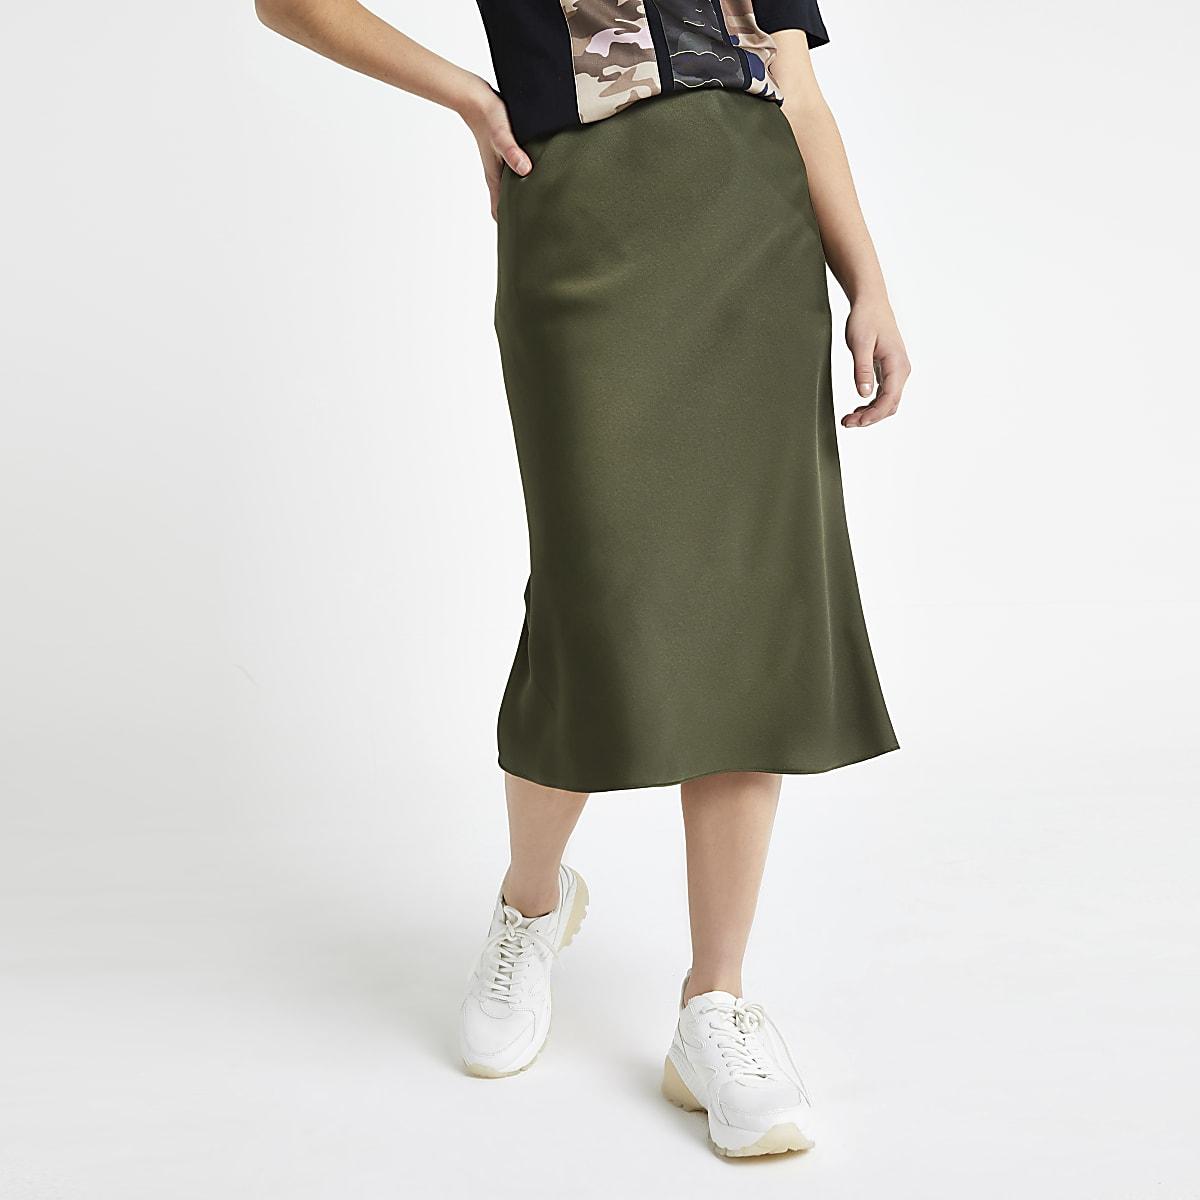 best selection of autumn shoes sale Petite khaki bias cut midi skirt